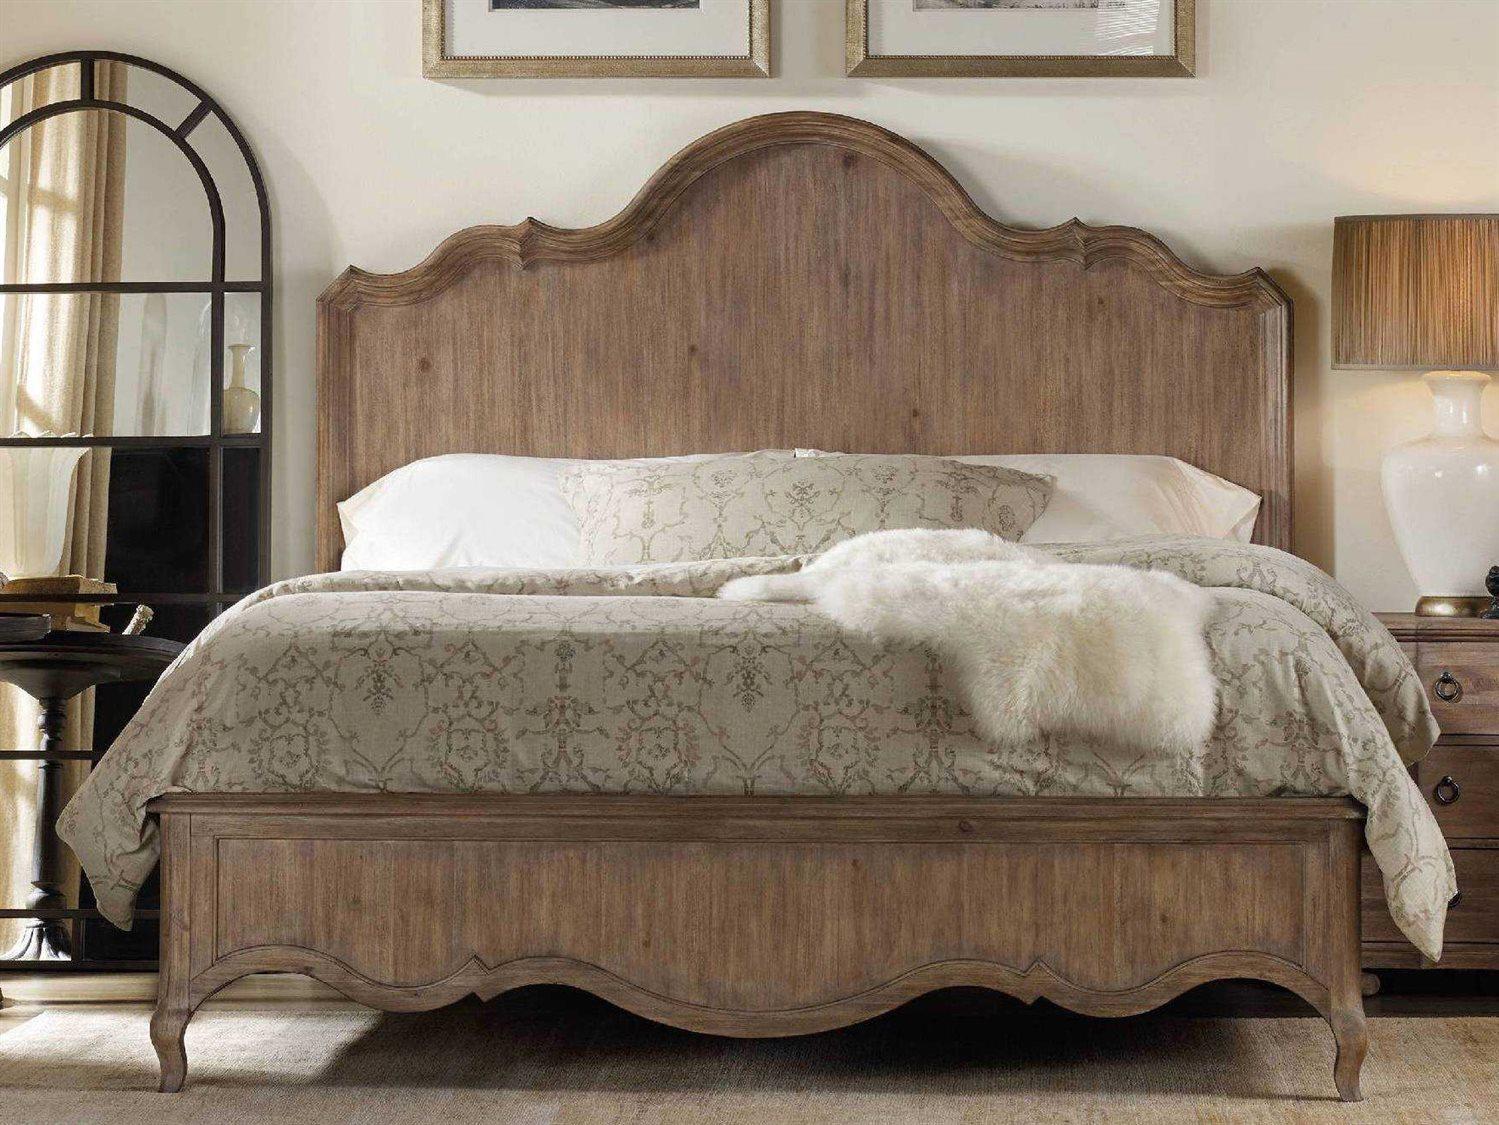 Hooker Furniture Corsica Wood Panel Bed Bedroom Set